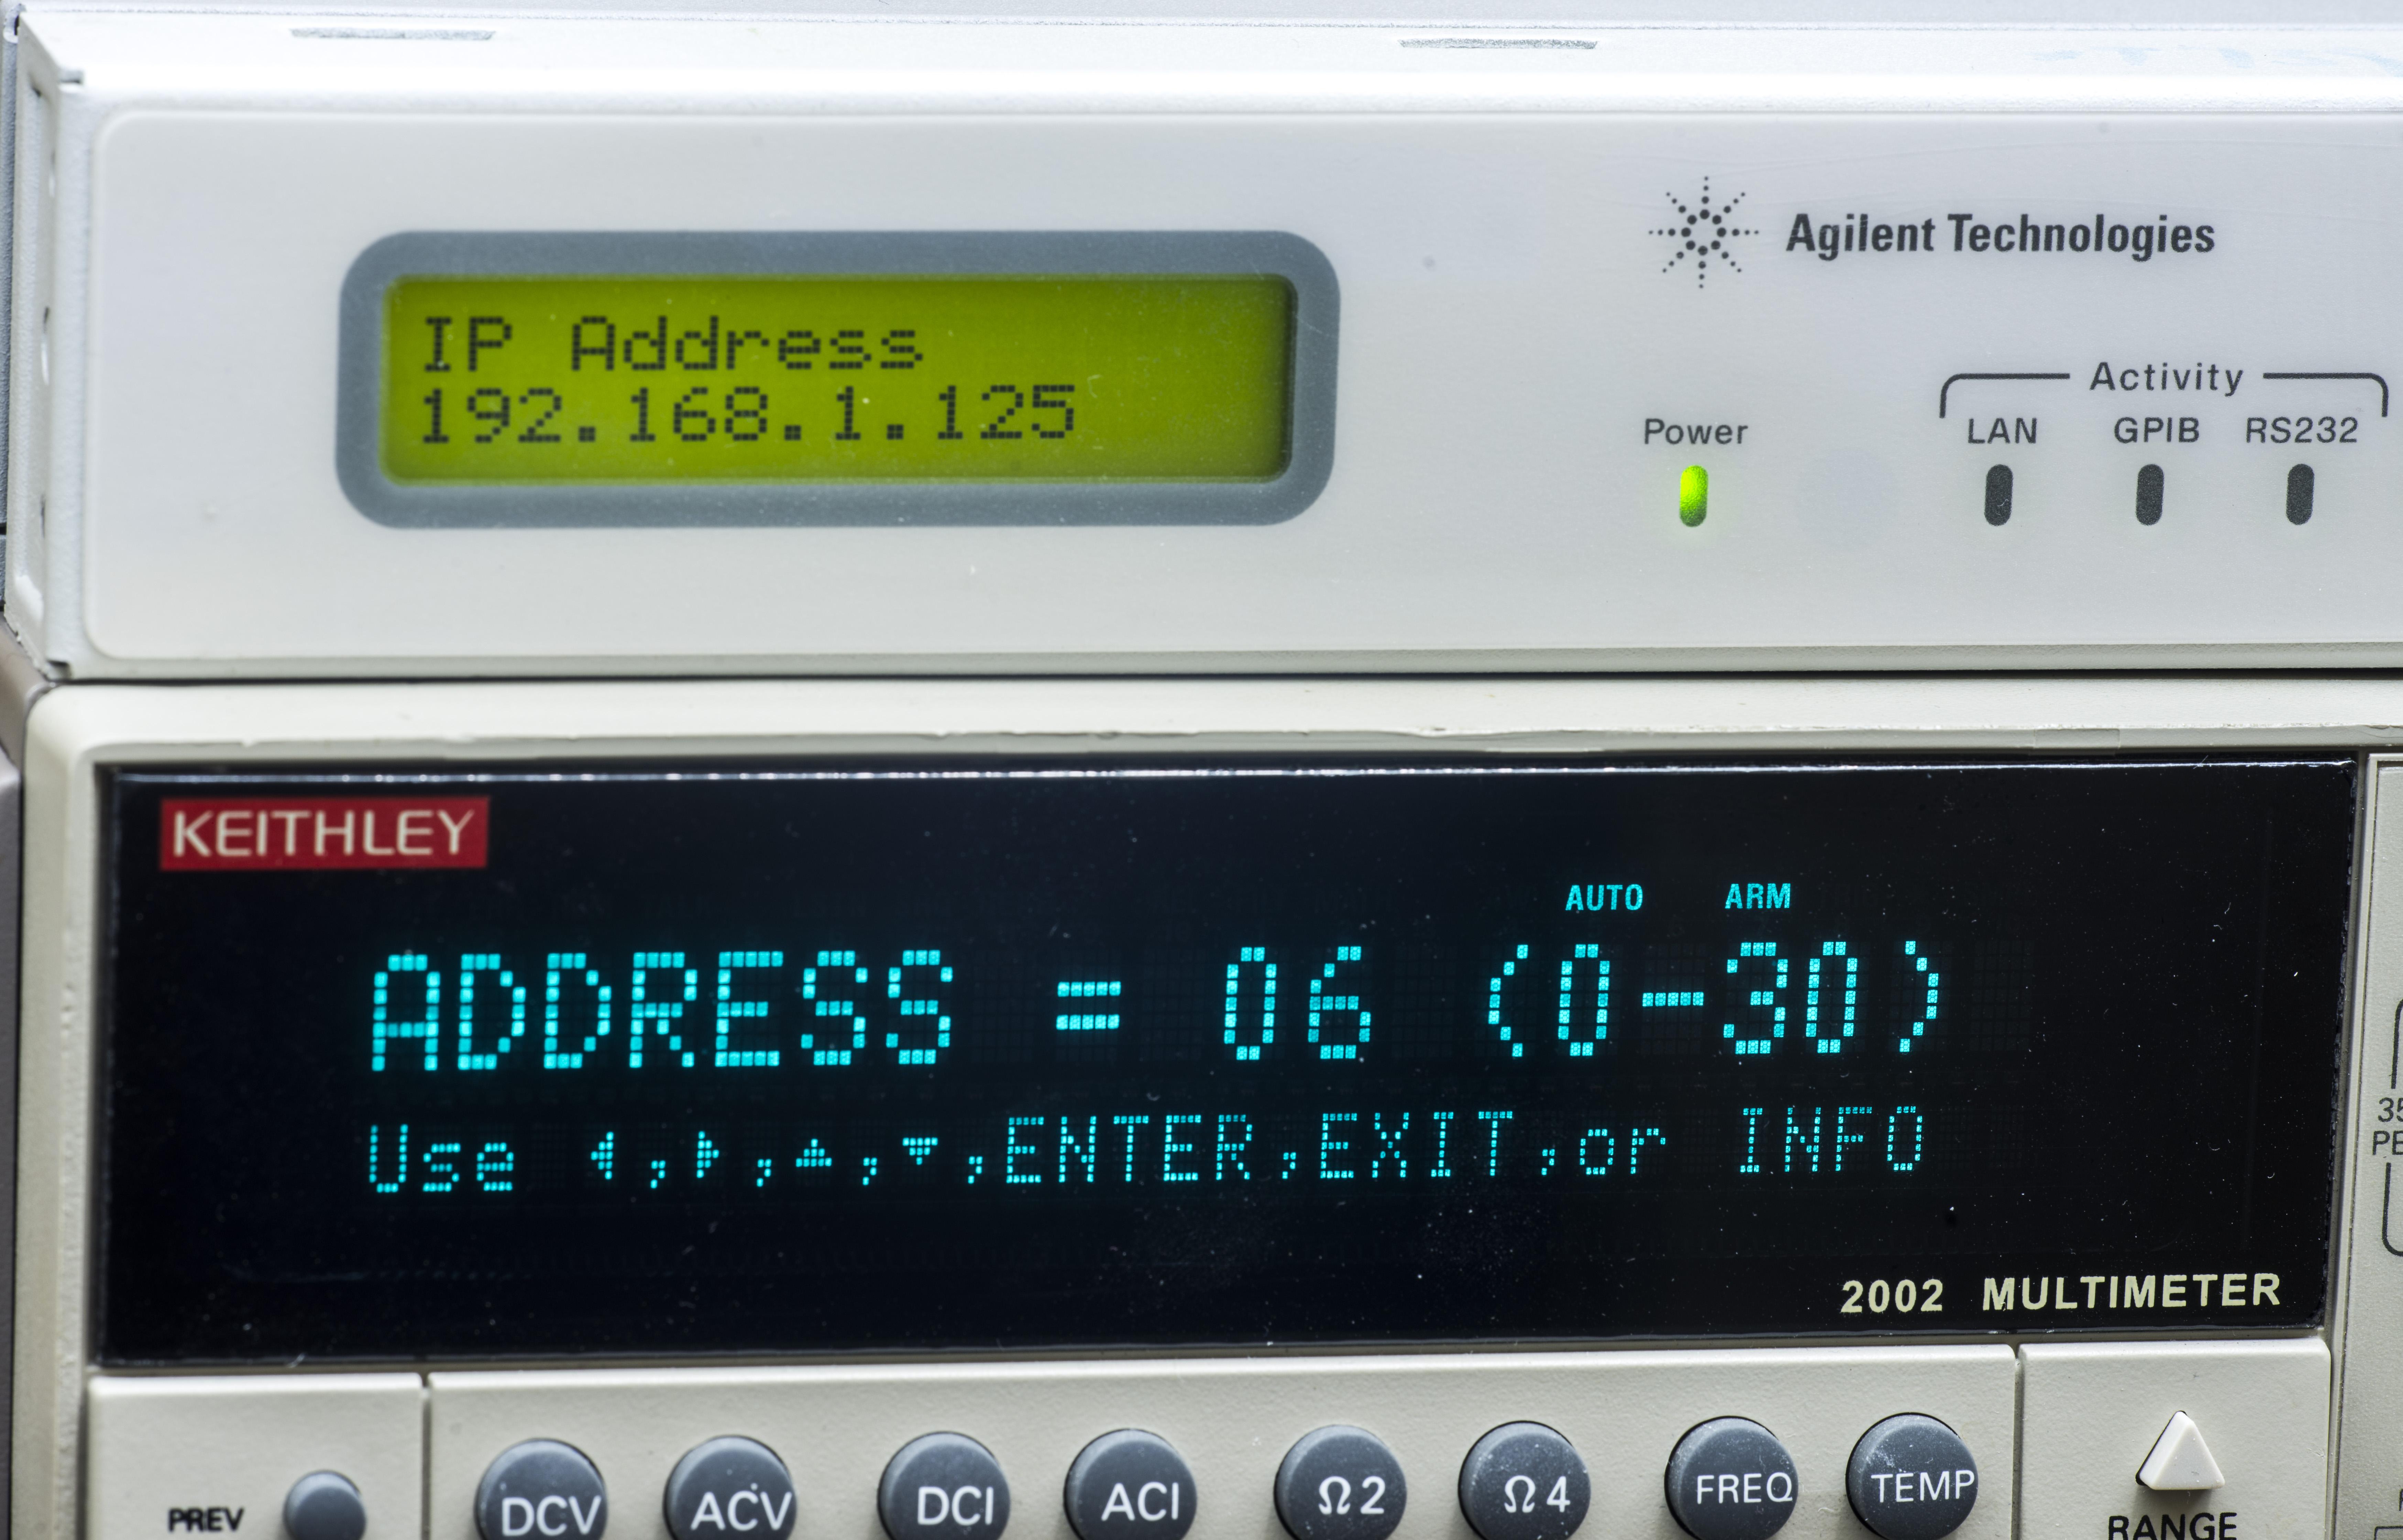 xDevs com | Using Agilent/Keysight E5810A with python